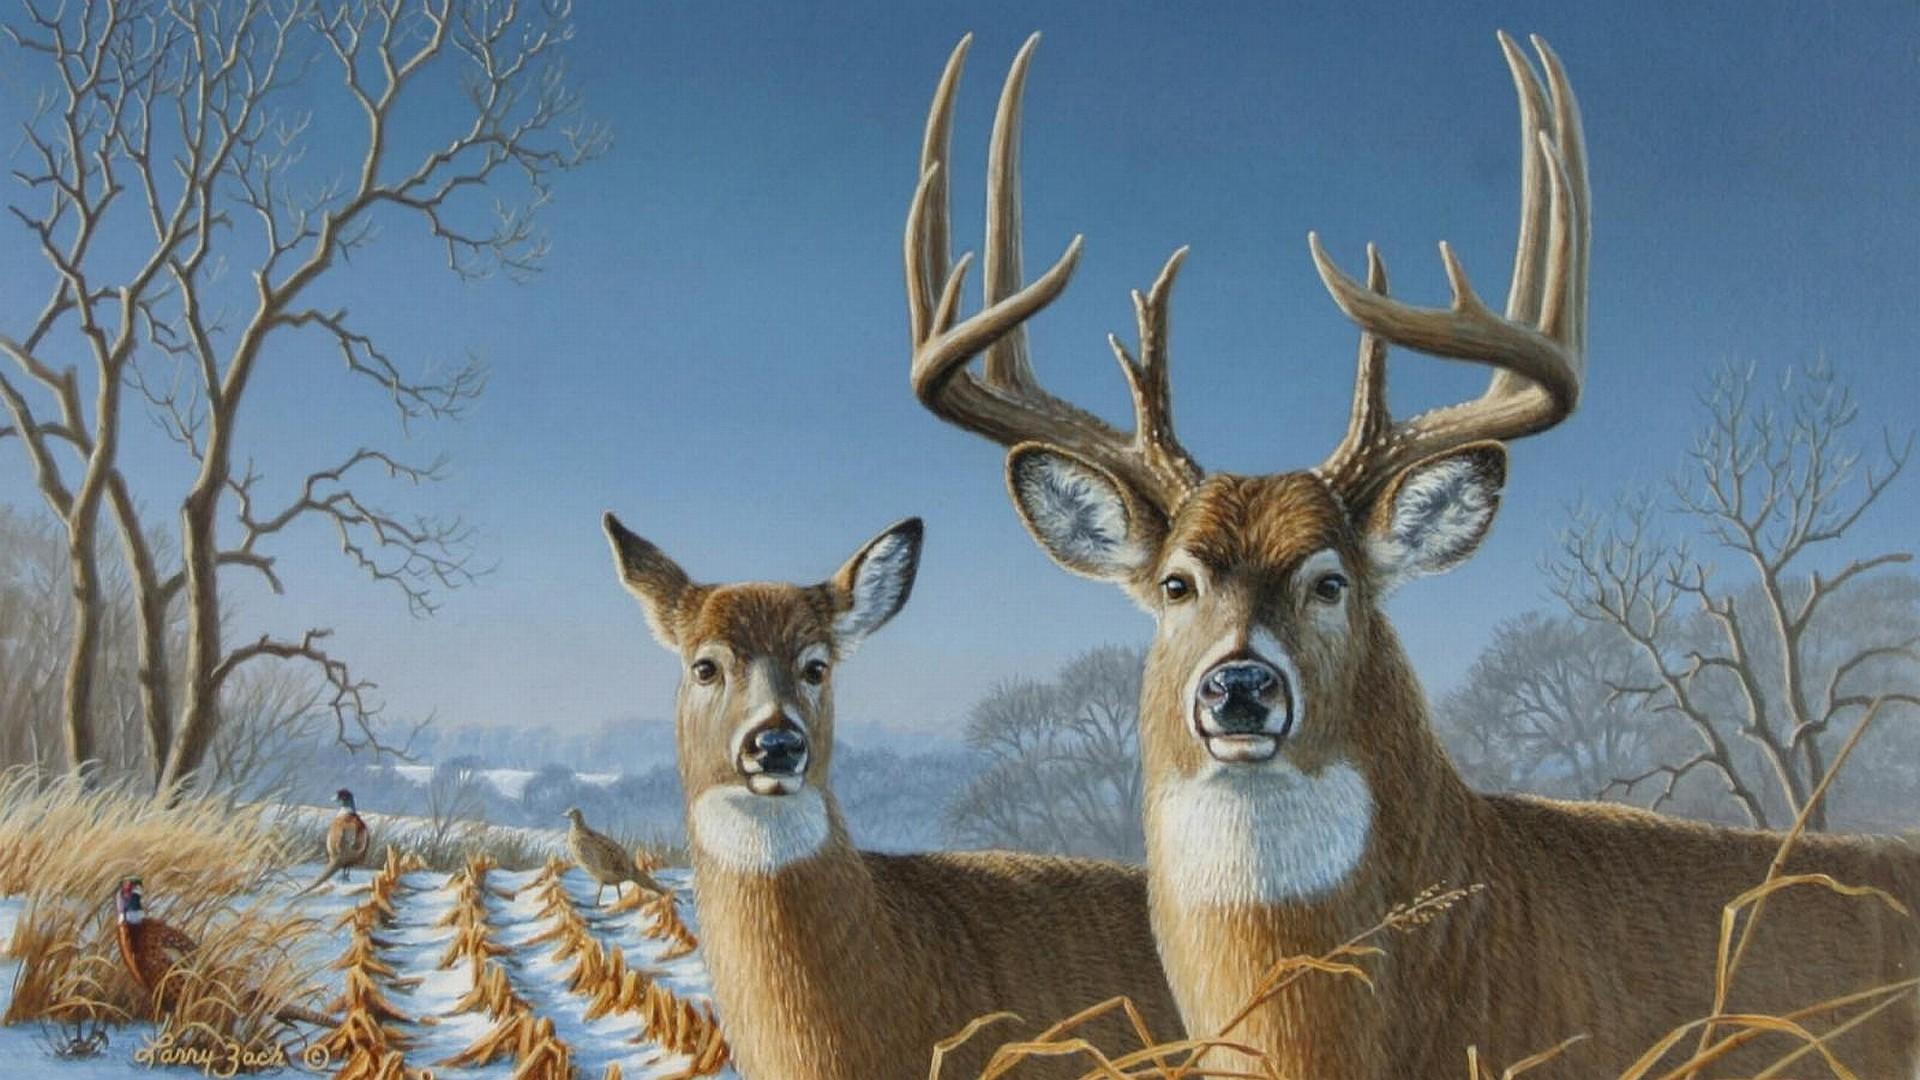 Free Whitetail Deer Wallpaper | HD Wallpapers | Pinterest | Wallpaper and  Wallpaper art